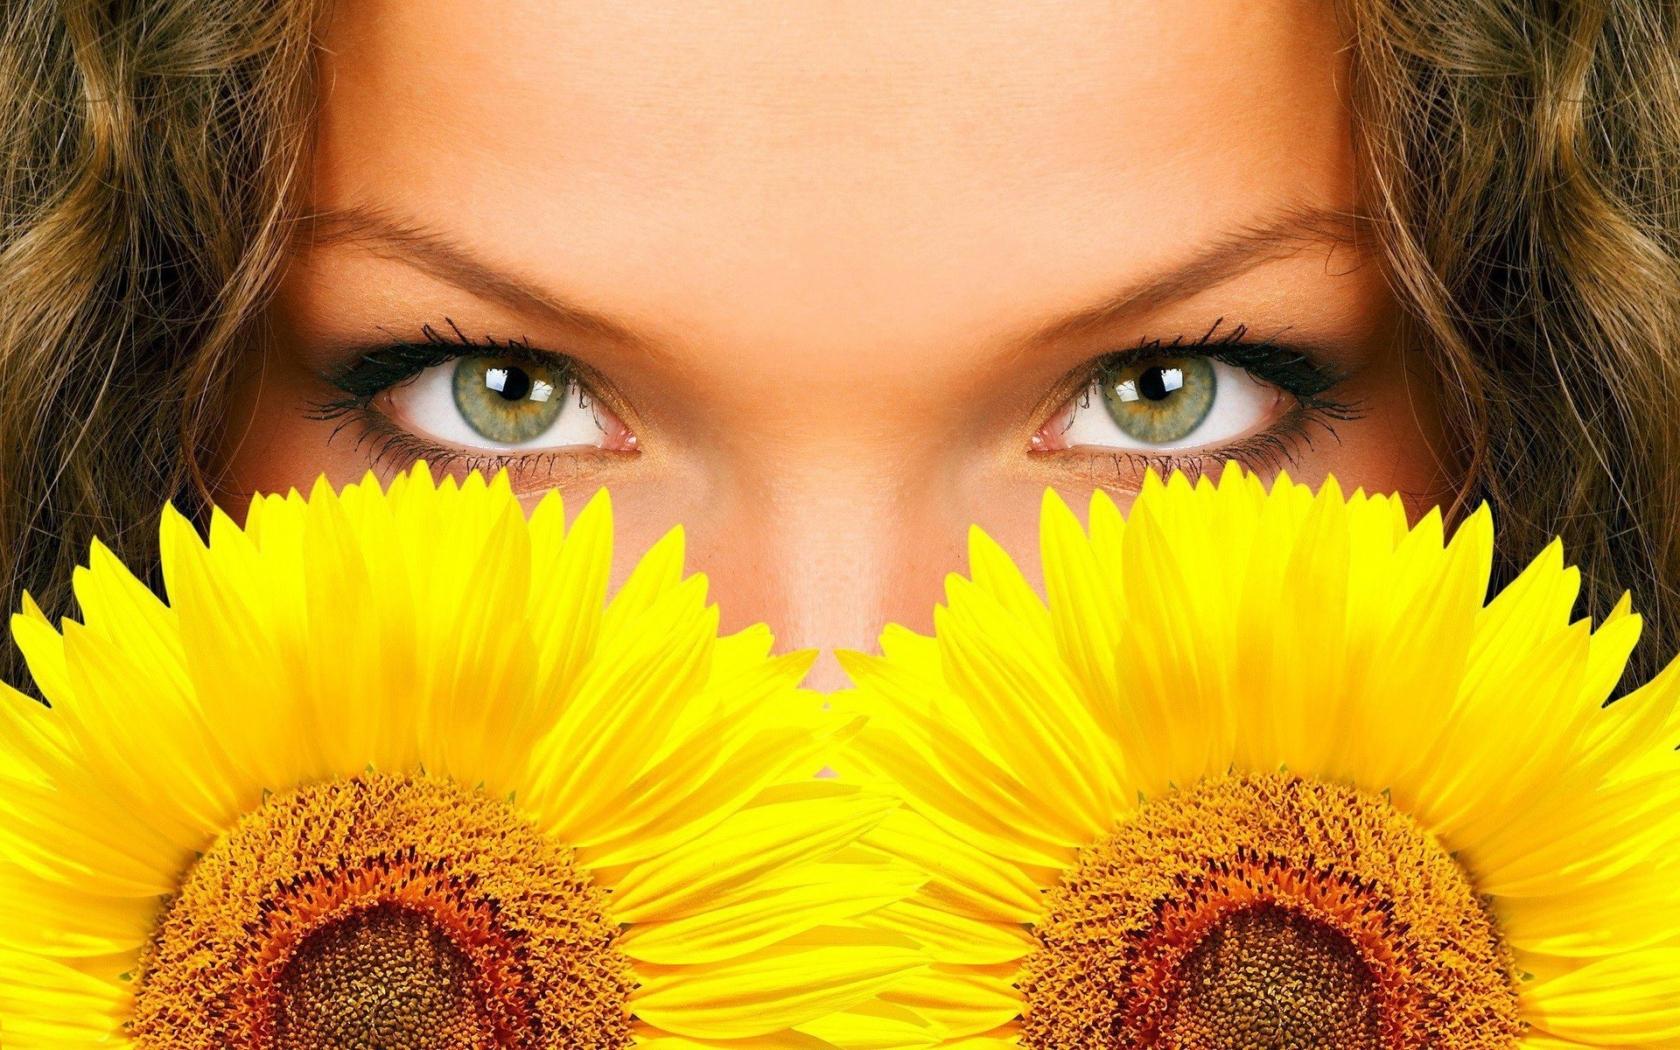 Hermosos ojos y girasoles - 1680x1050